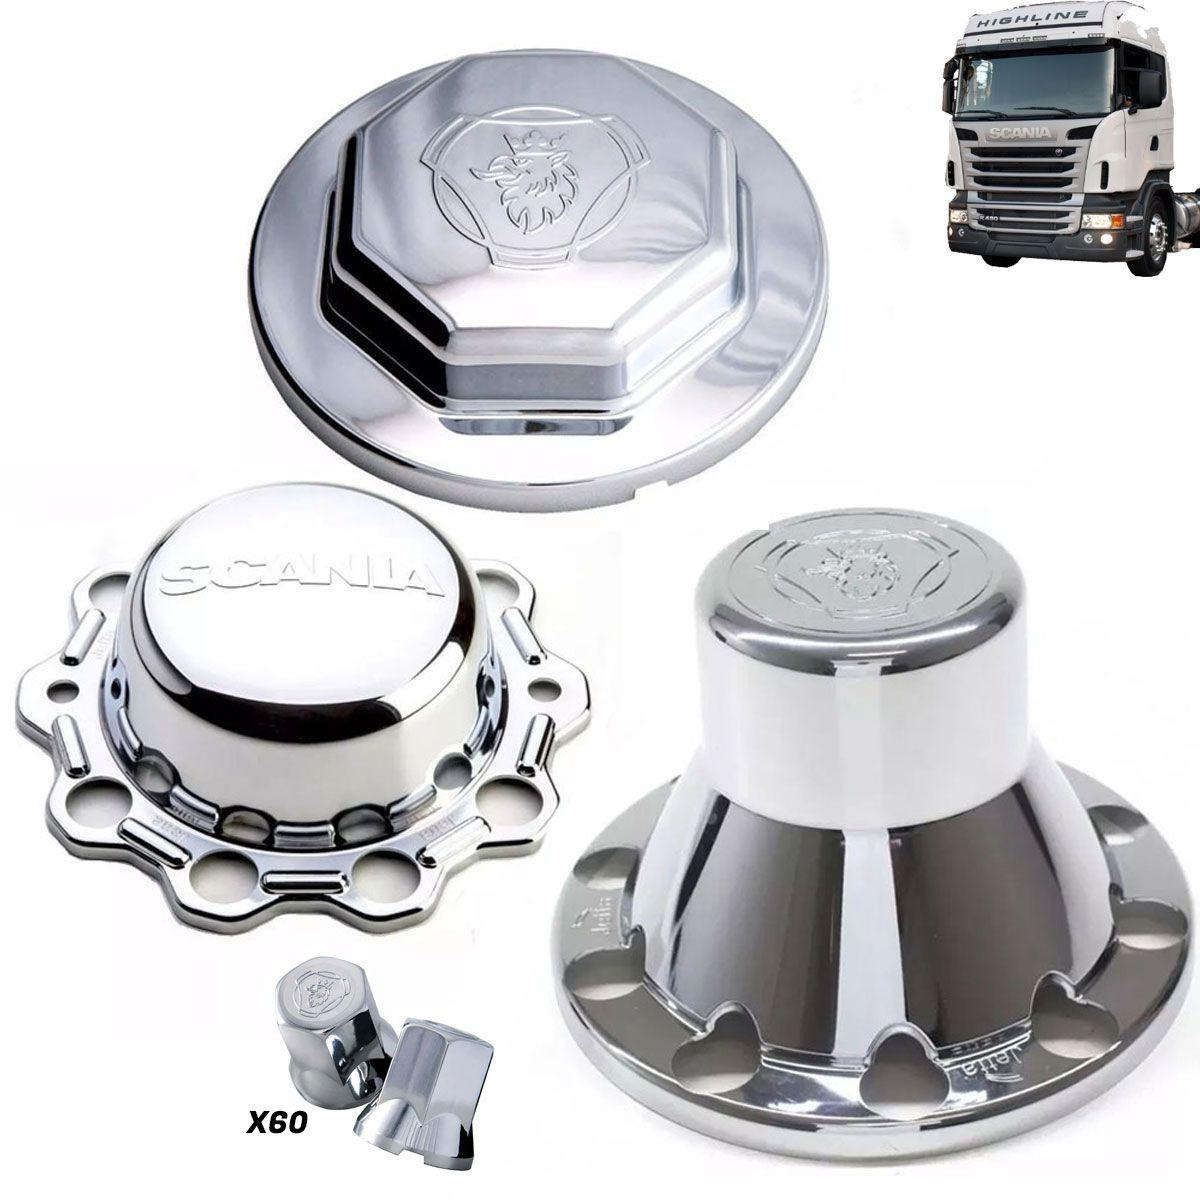 Kit sobre tampa dianteira tração e truck + 60 capas de porca compatível com o caminhão Scania S5 após 2011